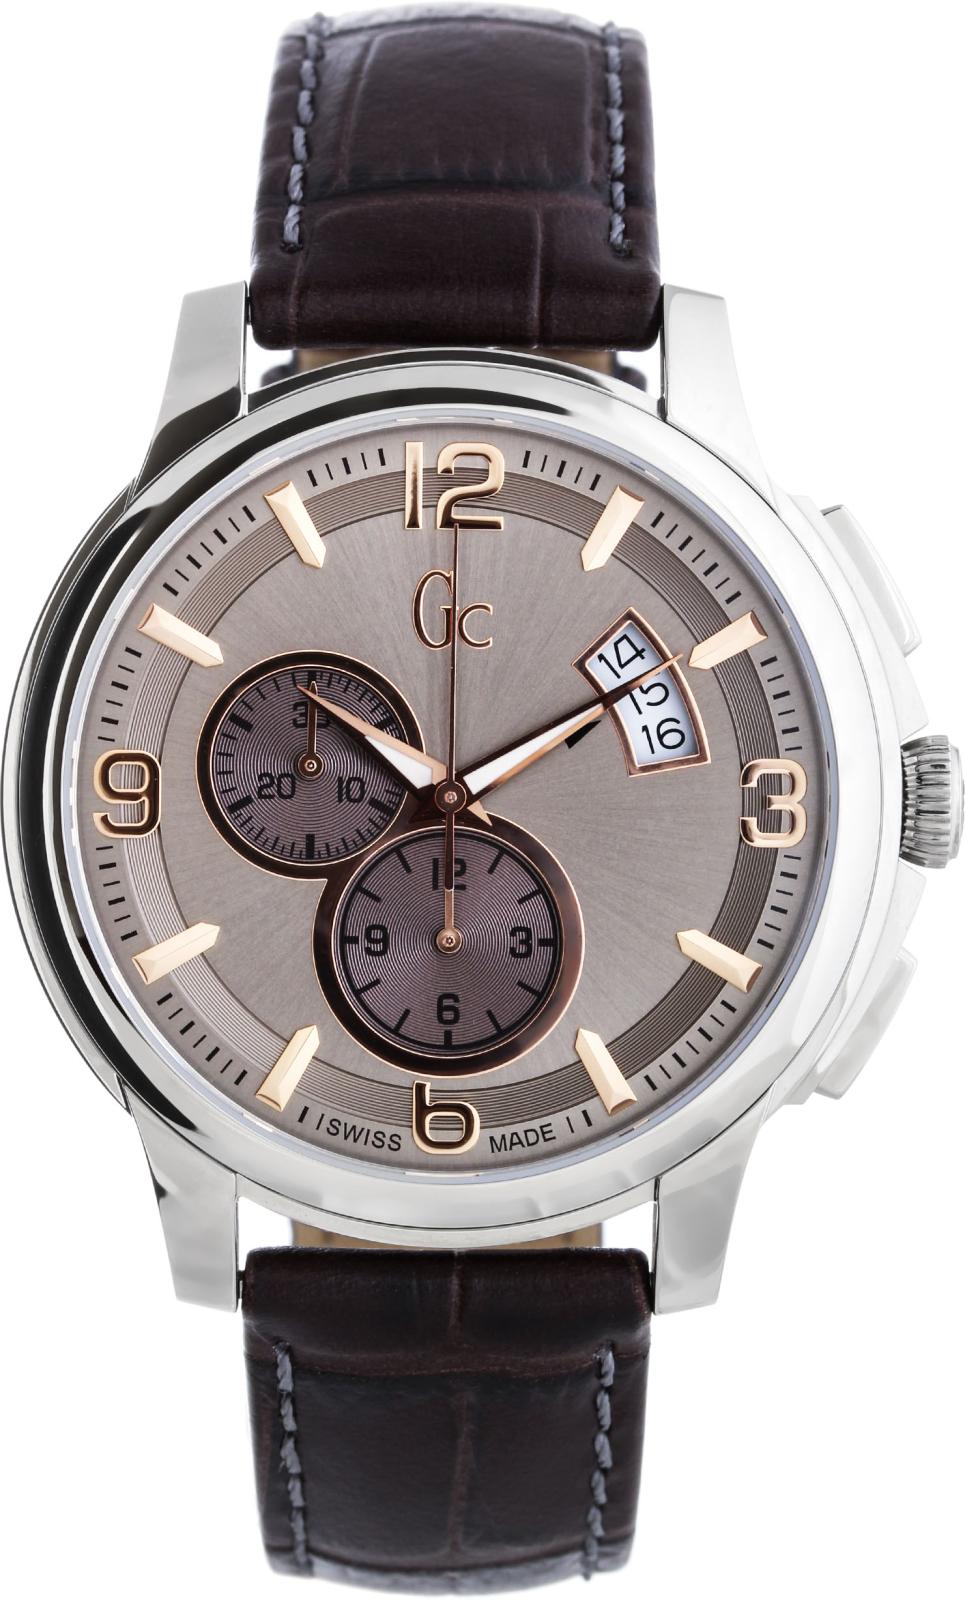 GC Sport Chic X83009G1SНаручные часы<br>Швейцарские часы GC Sport Chic X83009G1S<br><br>Для кого?: Мужские<br>Страна-производитель: Швейцария<br>Механизм: Кварцевый<br>Материал корпуса: Сталь<br>Материал ремня/браслета: Кожа<br>Водозащита, диапазон: 100 - 150 м<br>Стекло: Сапфировое<br>Толщина корпуса: 11 мм<br>Стиль: Спорт